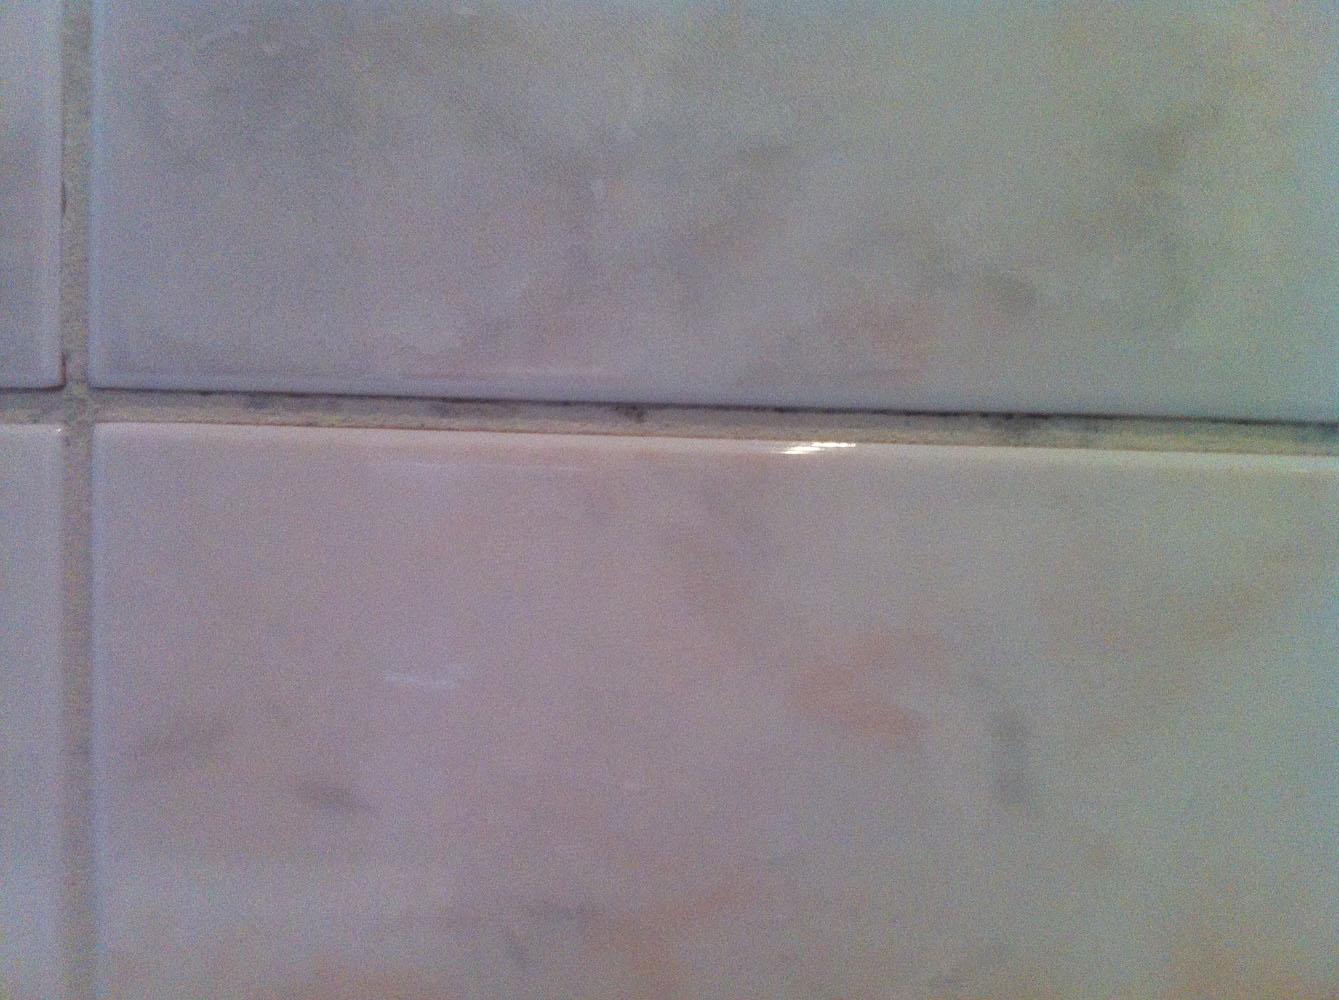 schimmel badezimmer jeden fleck mit schimmelex behandeln flecken im badezimmer schimmel. Black Bedroom Furniture Sets. Home Design Ideas